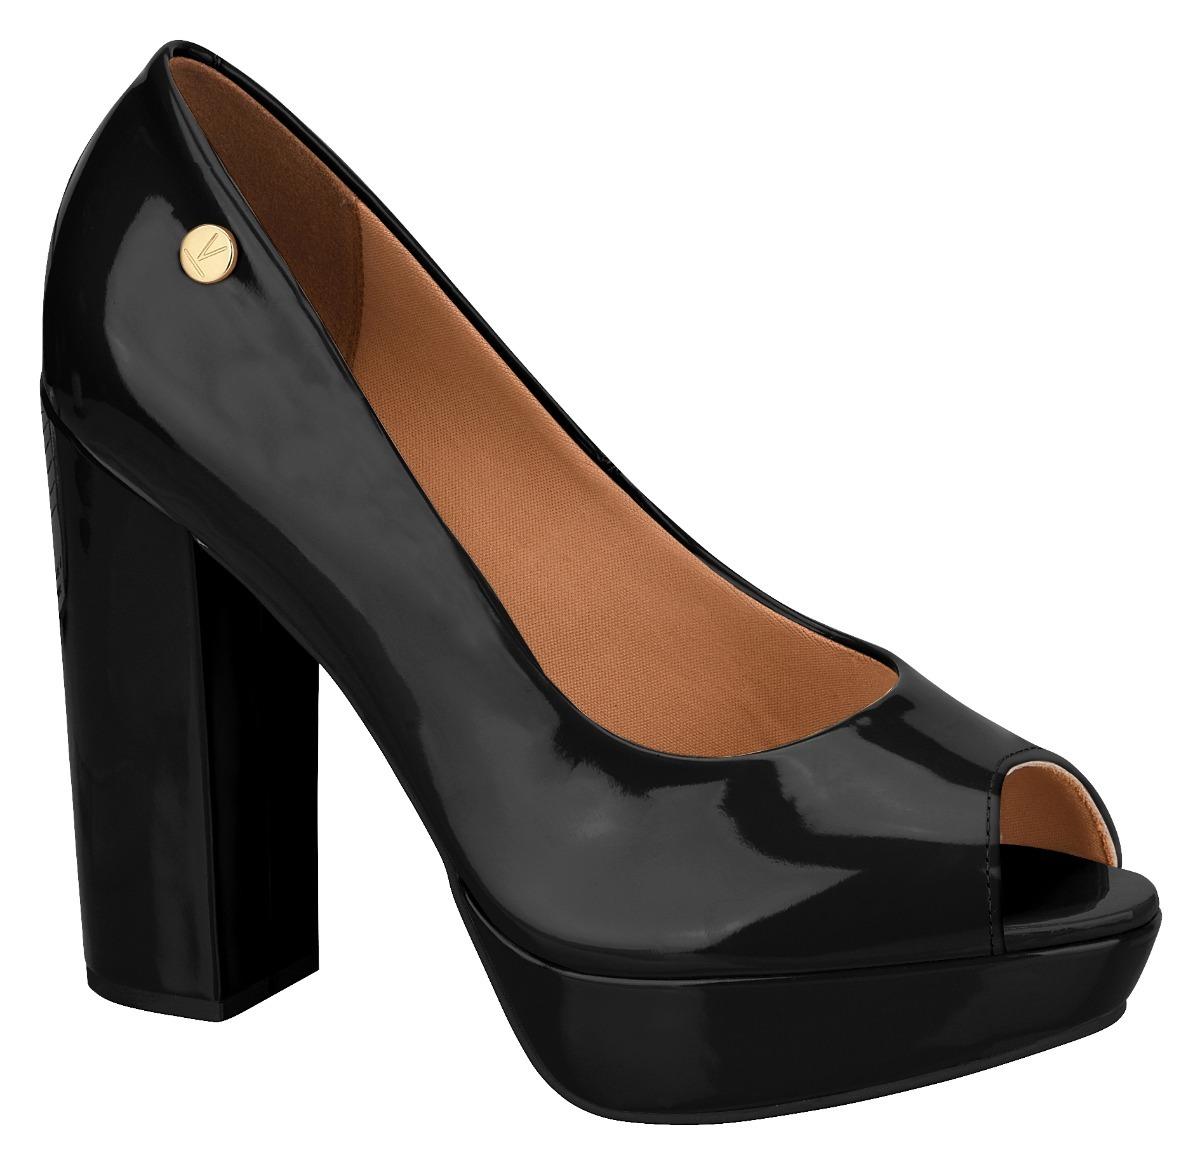 nuevo autentico último estilo entrega rápida Zapatos ** Vizzano** Stiletto Negro Plataforma Taco Palo